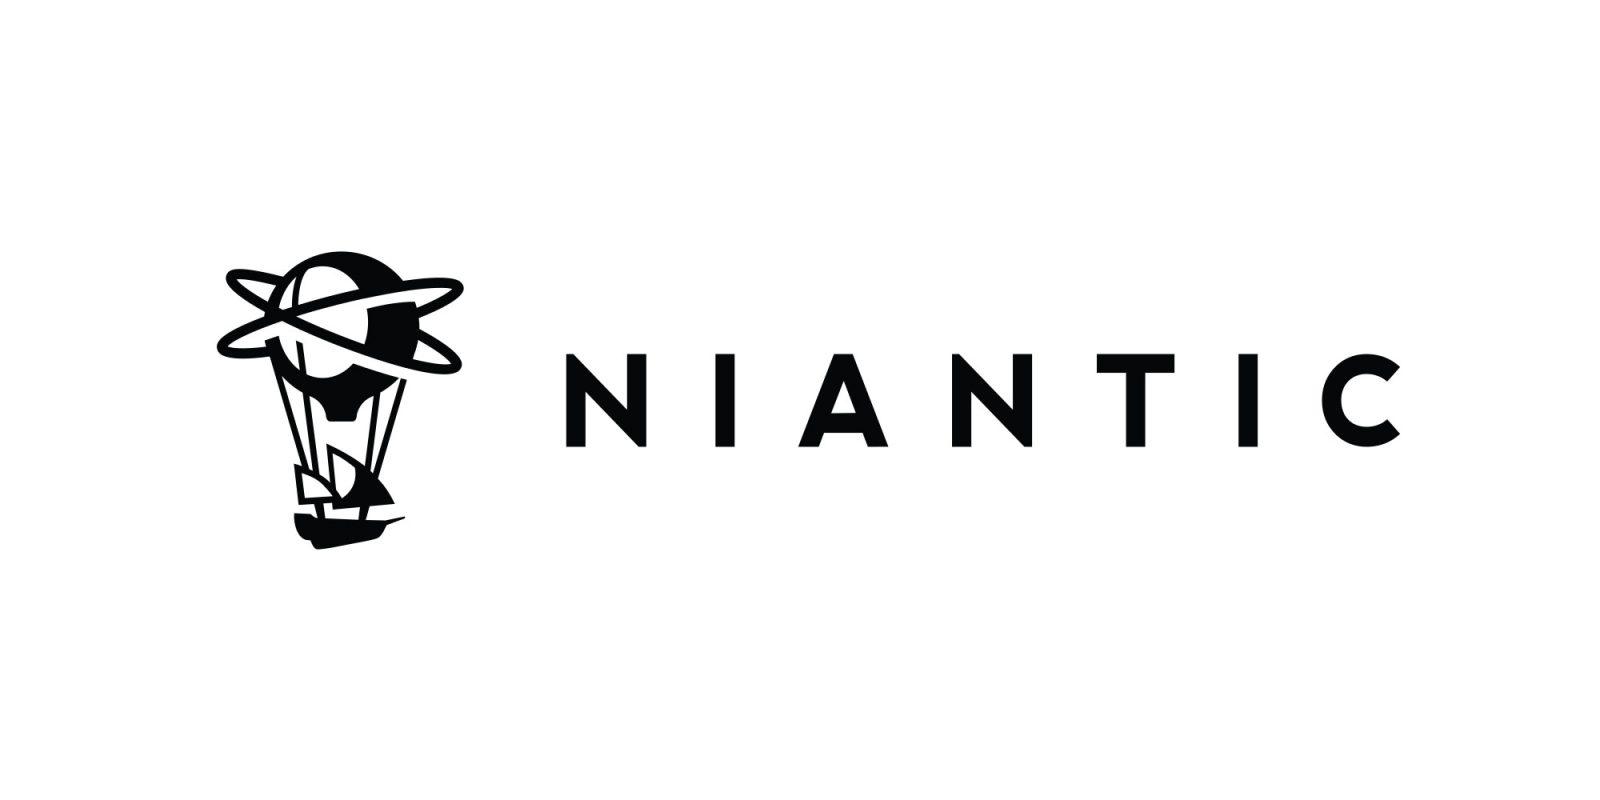 Niantic kündigt Live-Events für die erste Jahreshälfte 2020 an